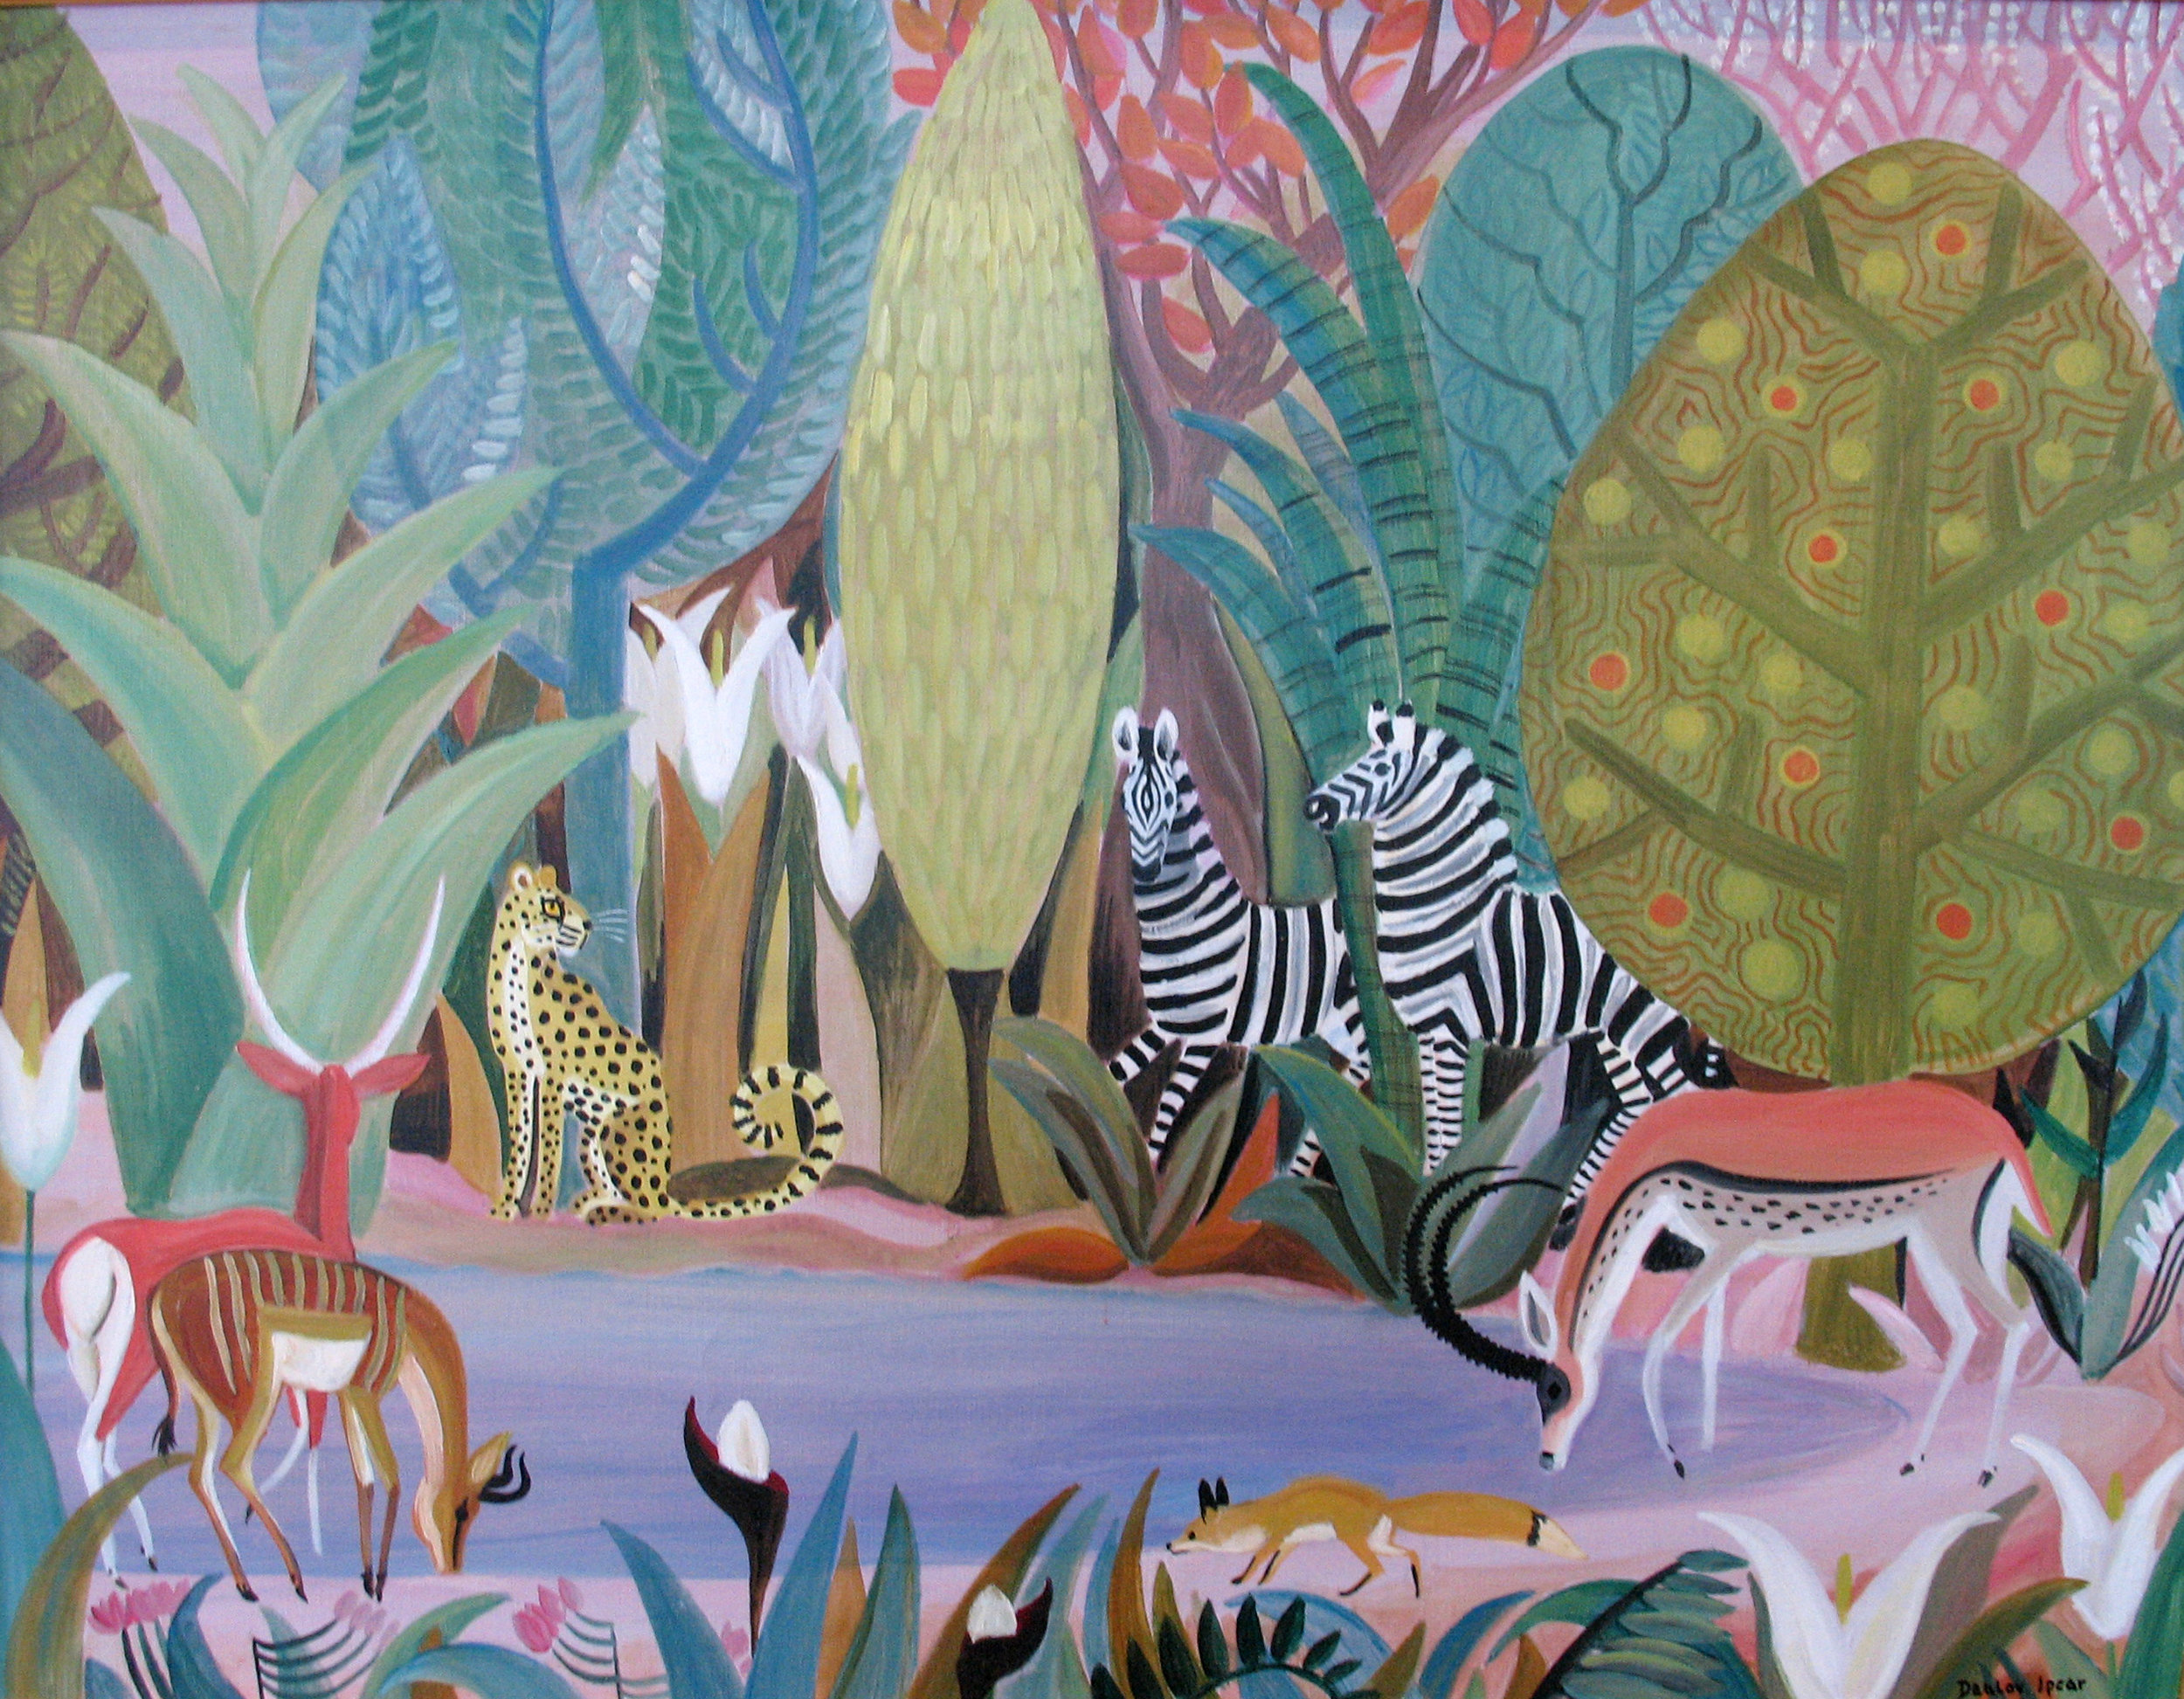 Jungle Pool  by Dahlov Ipcar, 1965